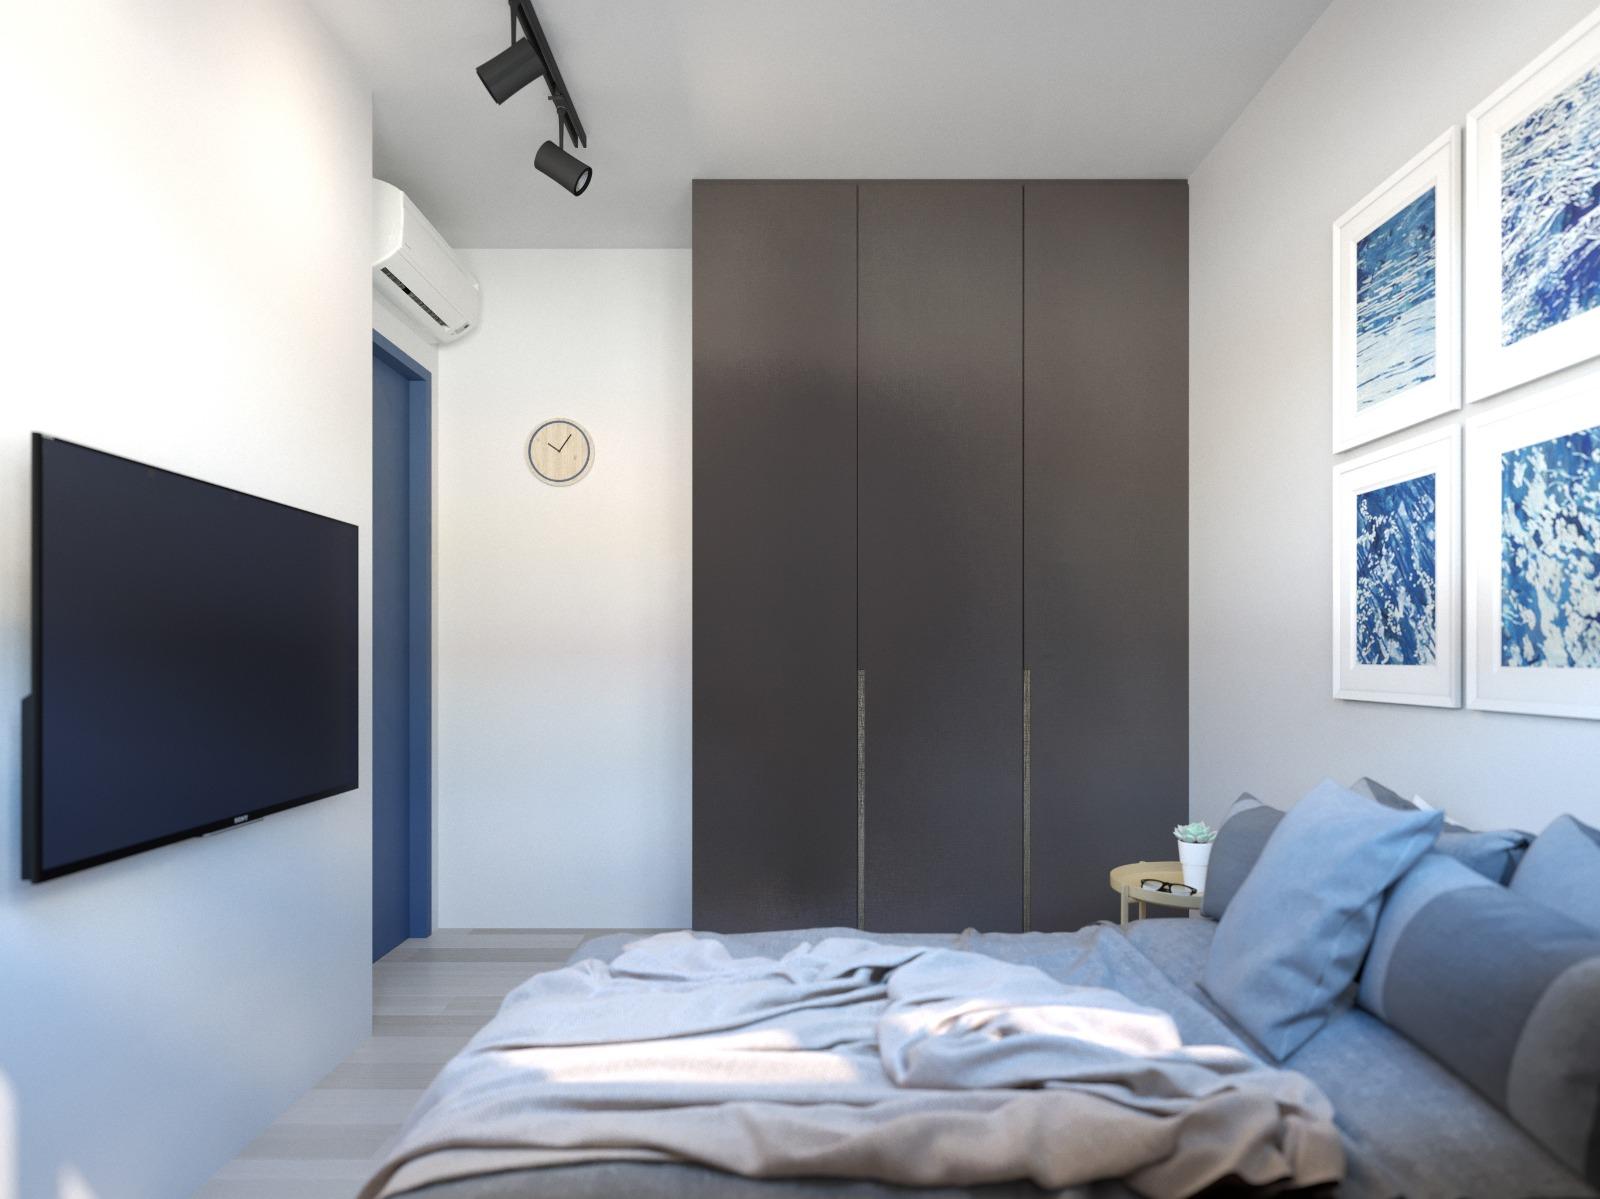 06 - Common Room